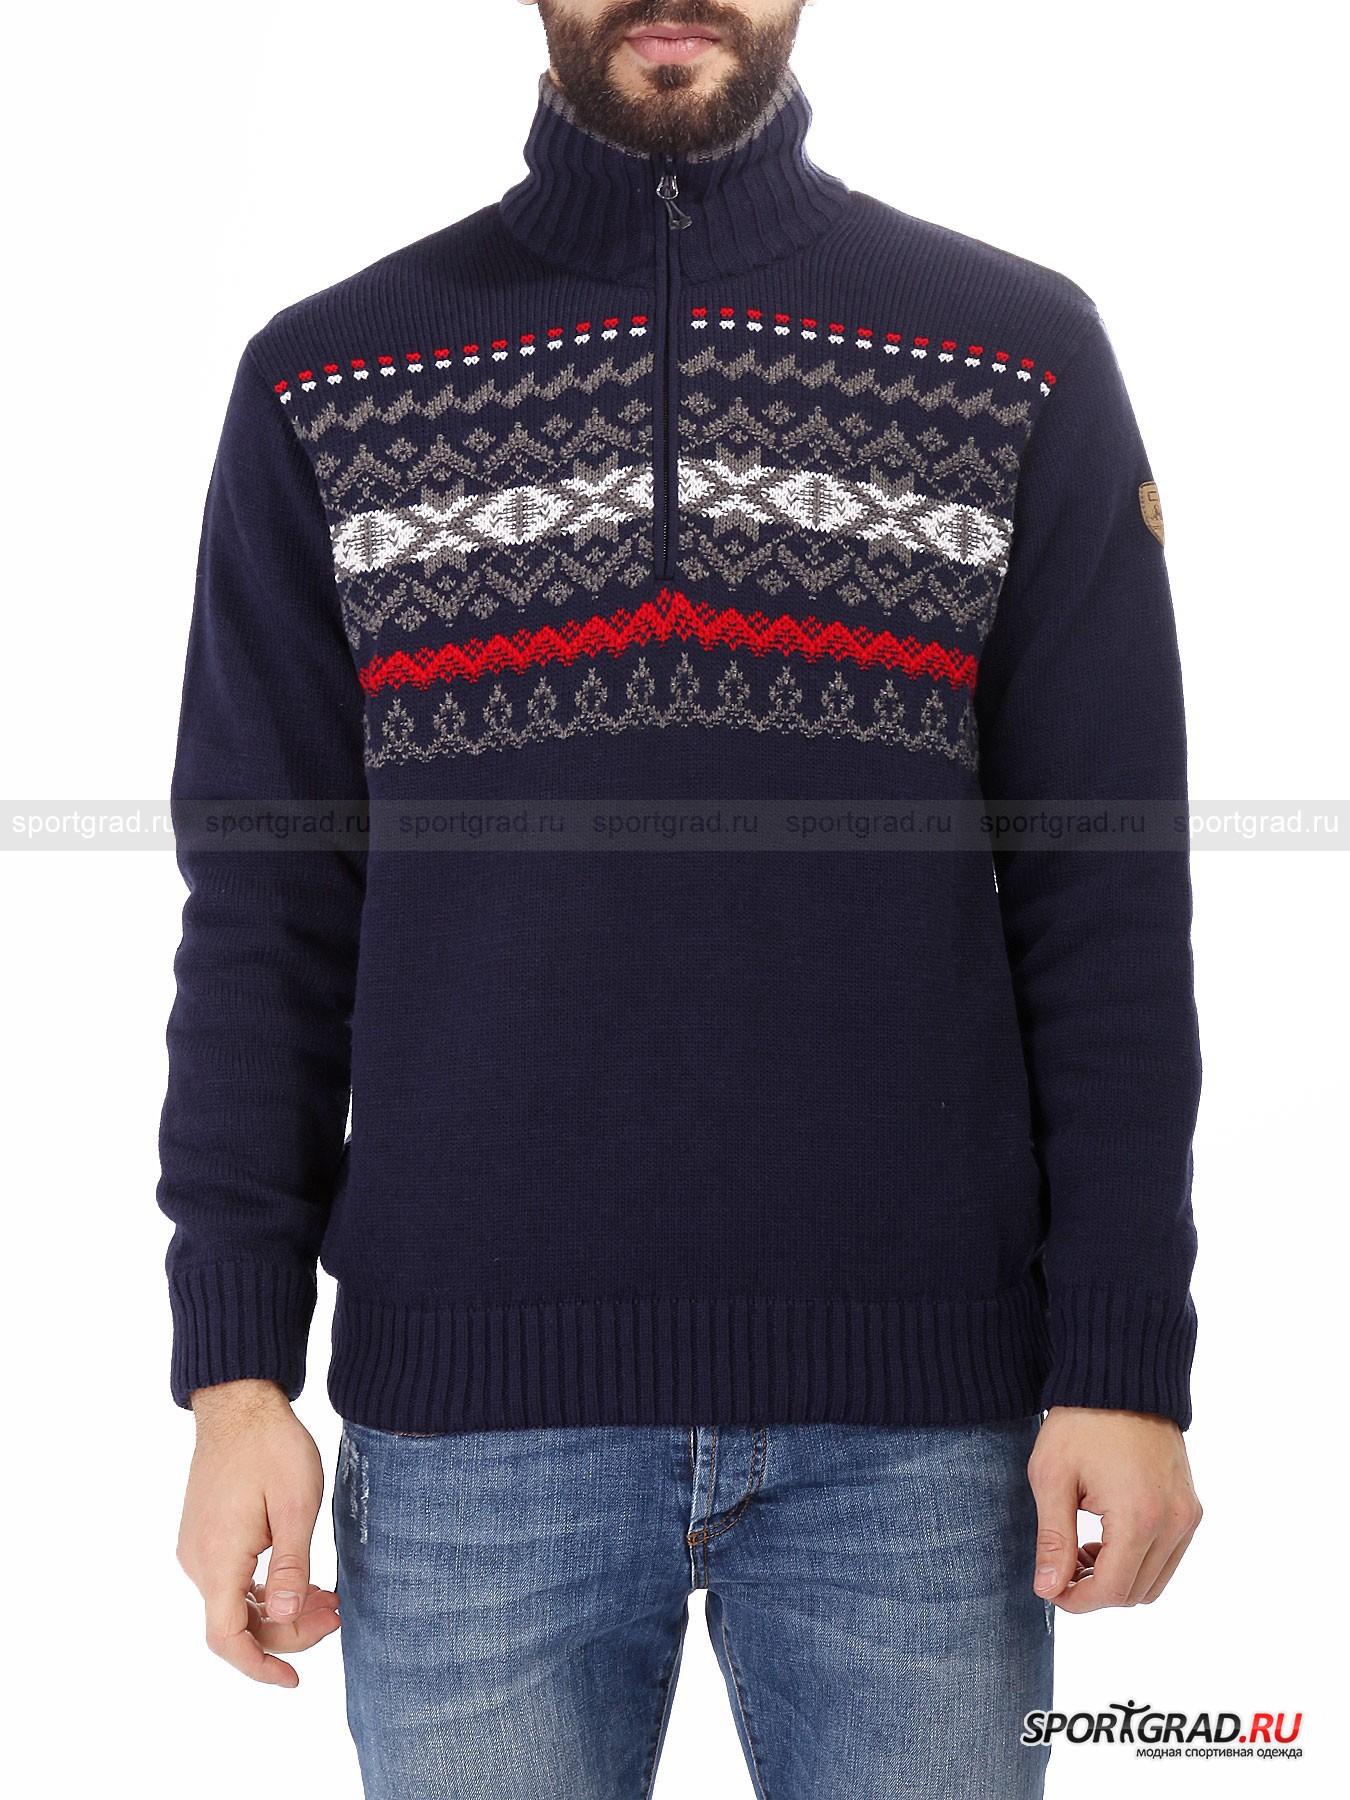 Мужской свитер CMP Knitted Pullover WindProtectДжемперы, Свитеры, Пуловеры<br>В ассортименте итальянского бренда CMP можно встретить обилие теплой одежды для загородного отдыха и повседневной носки. Что особо актуально в зимний период.<br><br>Мужской свитер Knitted Pullover WindProtect выделяется своим высокотехнологичным производством, в основе которого стоит защитный слой. Он обезопасит от резких порывов ветра и не позволит скопиться излишкам влаги на поверхности кожи. Это отличный промежуточный слой под теплую парку, что позволит ощутить абсолютный комфорт даже в самый лютый мороз. <br><br>•Высокий ворот<br>•Молния до груди<br>•Применена технология WindProtect<br>•Встроенная в манжеты рукавов широкая резинка<br>•Фирменный логотип компании в виде нашивки на левом плече<br><br>Пол: Мужской<br>Возраст: Взрослый<br>Тип: Джемперы, Свитеры, Пуловеры<br>Рекомендации по уходу: Деликатная стирка при 30С, не отбеливать, не сушить в барабане стиральной машины, сушить на горизонтальной поверхности, не гладить, химчистка запрещена.<br>Состав: 50% акрил/25% полиамид/25% шерсть.